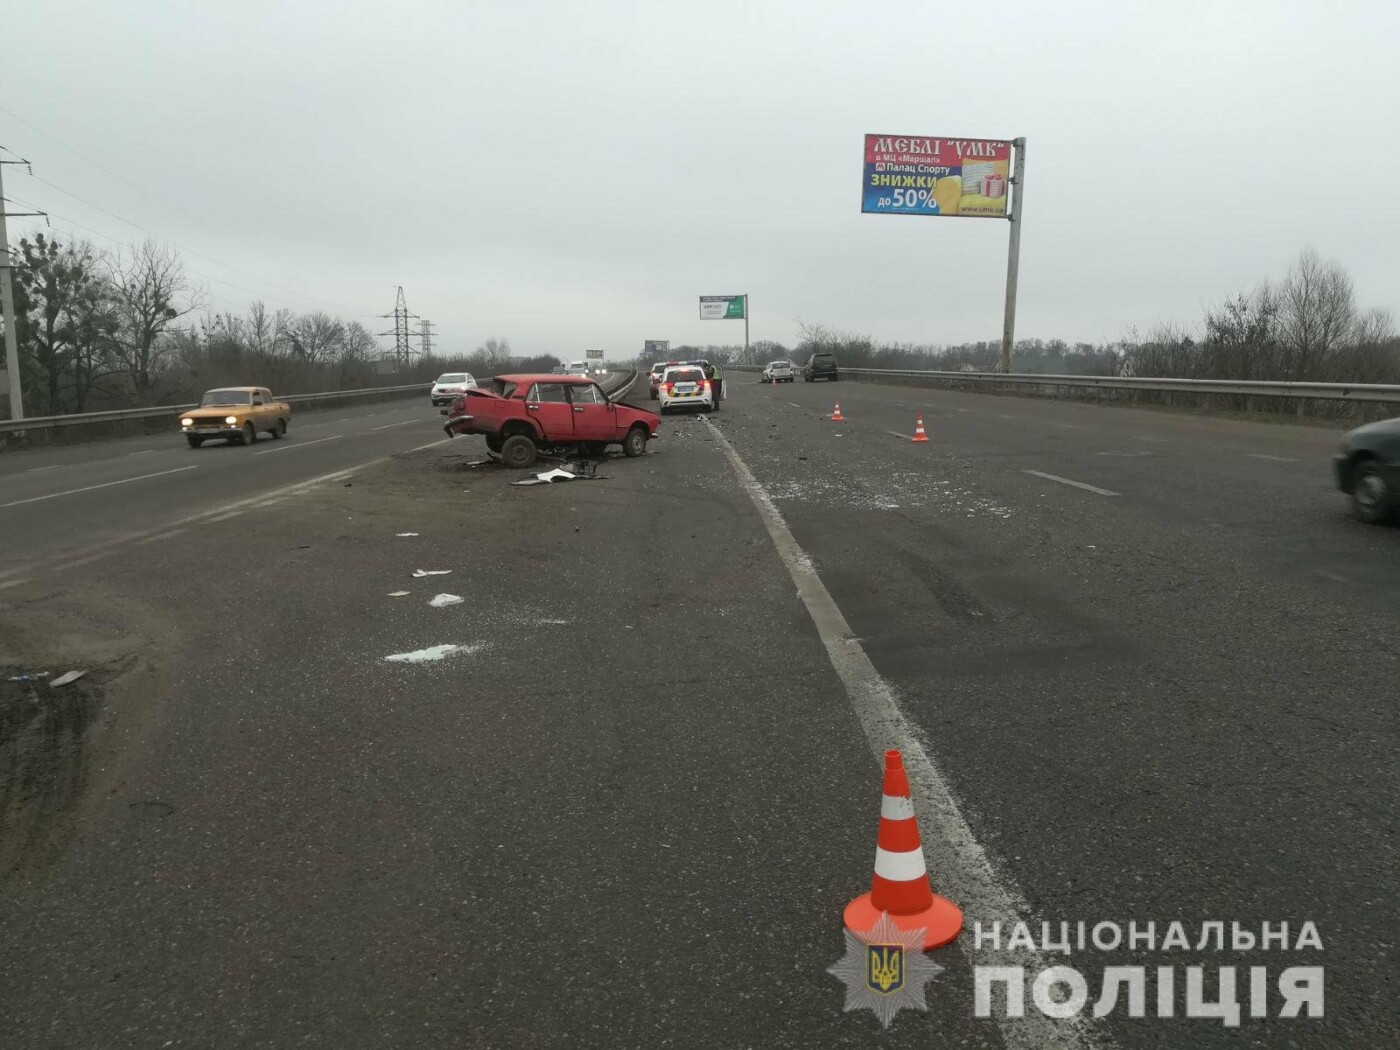 На Харьковщине «Renault» врезался в разворачивающийся «ВАЗ»: погиб водитель одного из авто, - ФОТО, фото-2